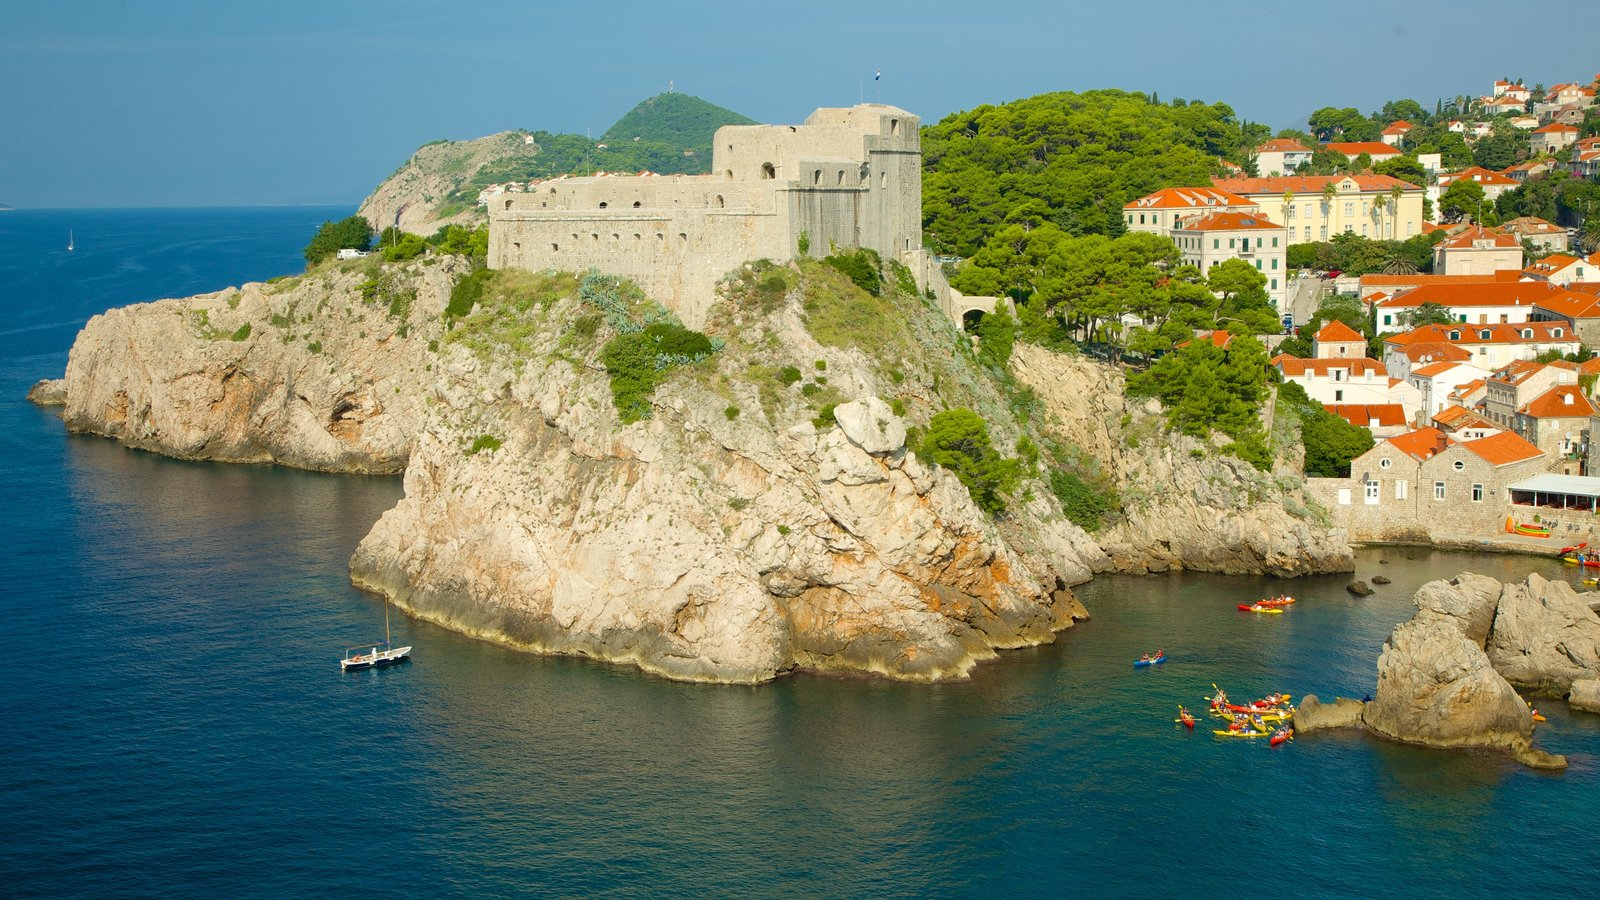 Fortaleza de Lovrijenac que inclui elementos de patrimônio, paisagens litorâneas e uma cidade litorânea